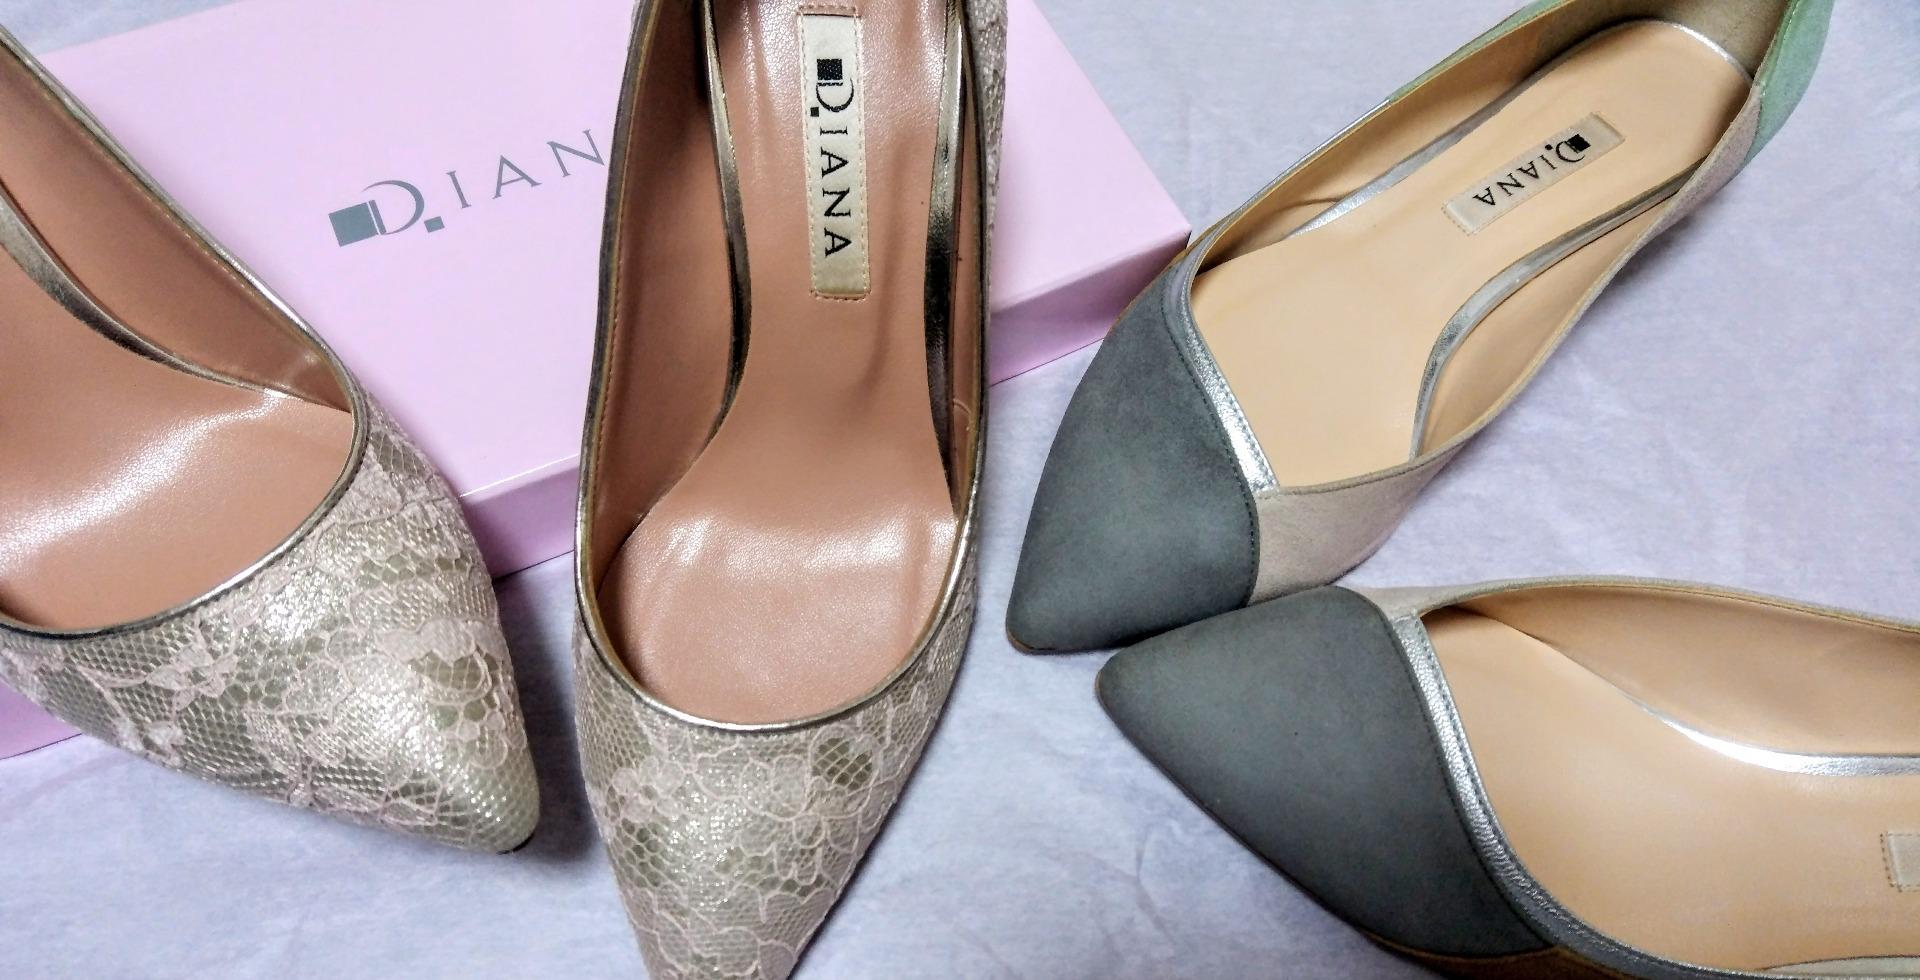 ダイアナの靴を二足買いました! 育児のことお出掛けのことなどなど